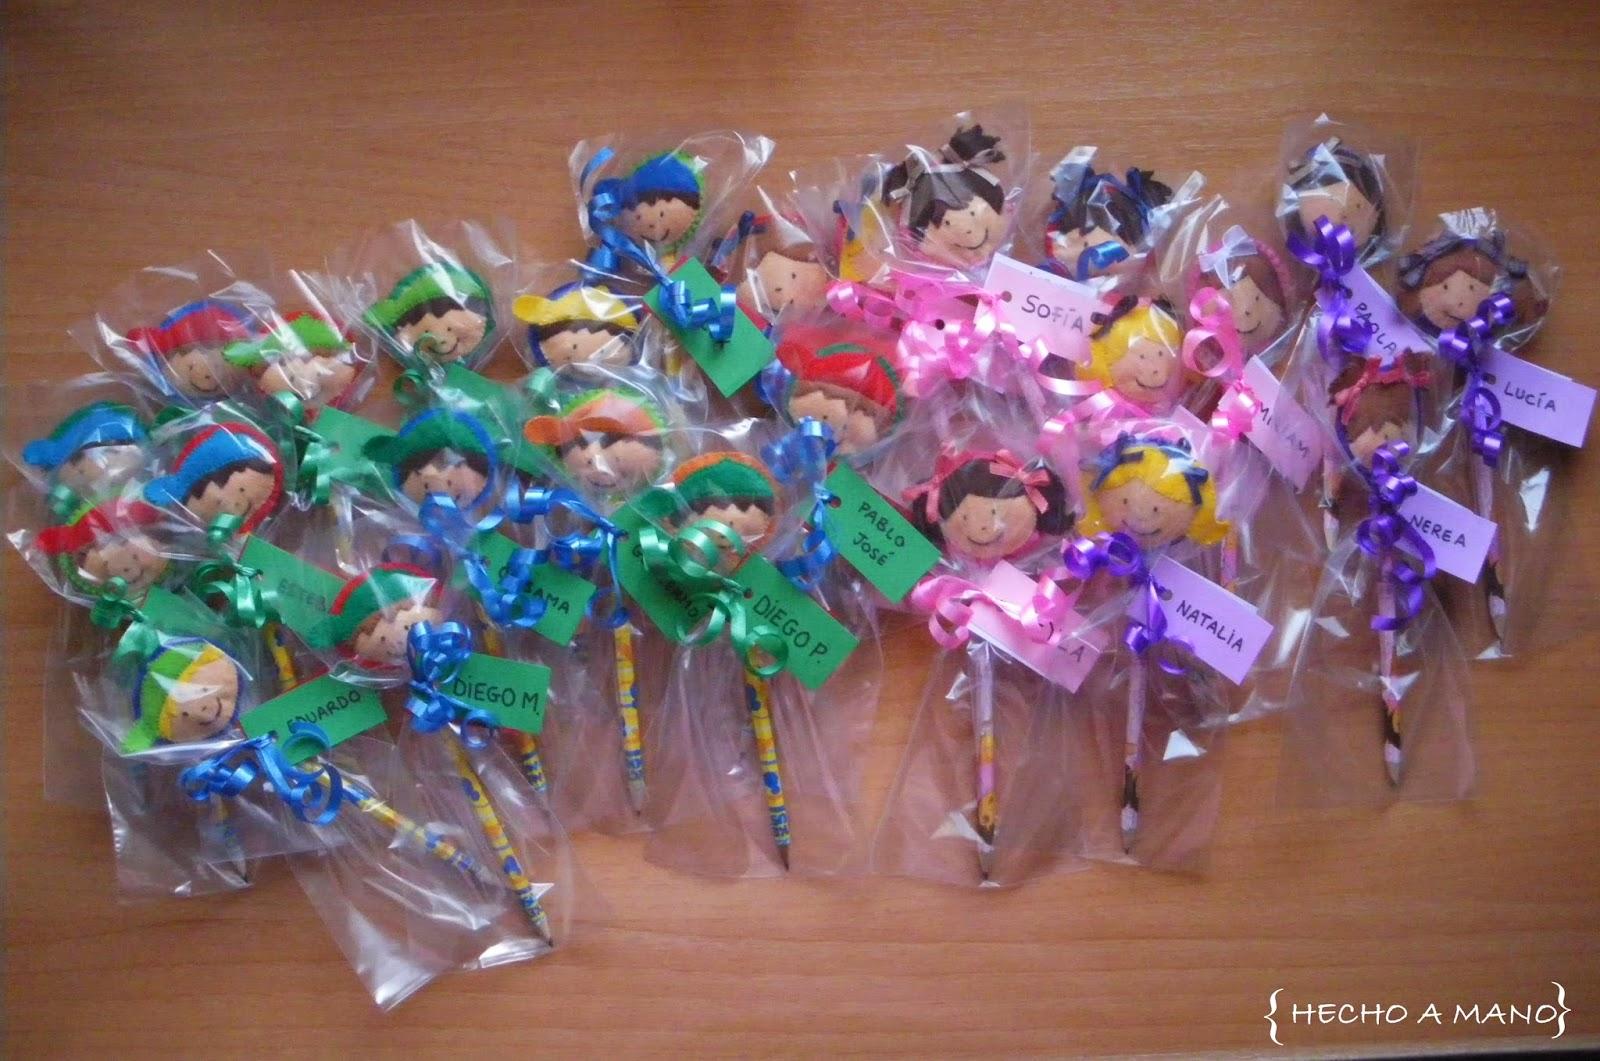 Hecho a mano regalo para mis alumnos - Regalos de boda para ninos ...